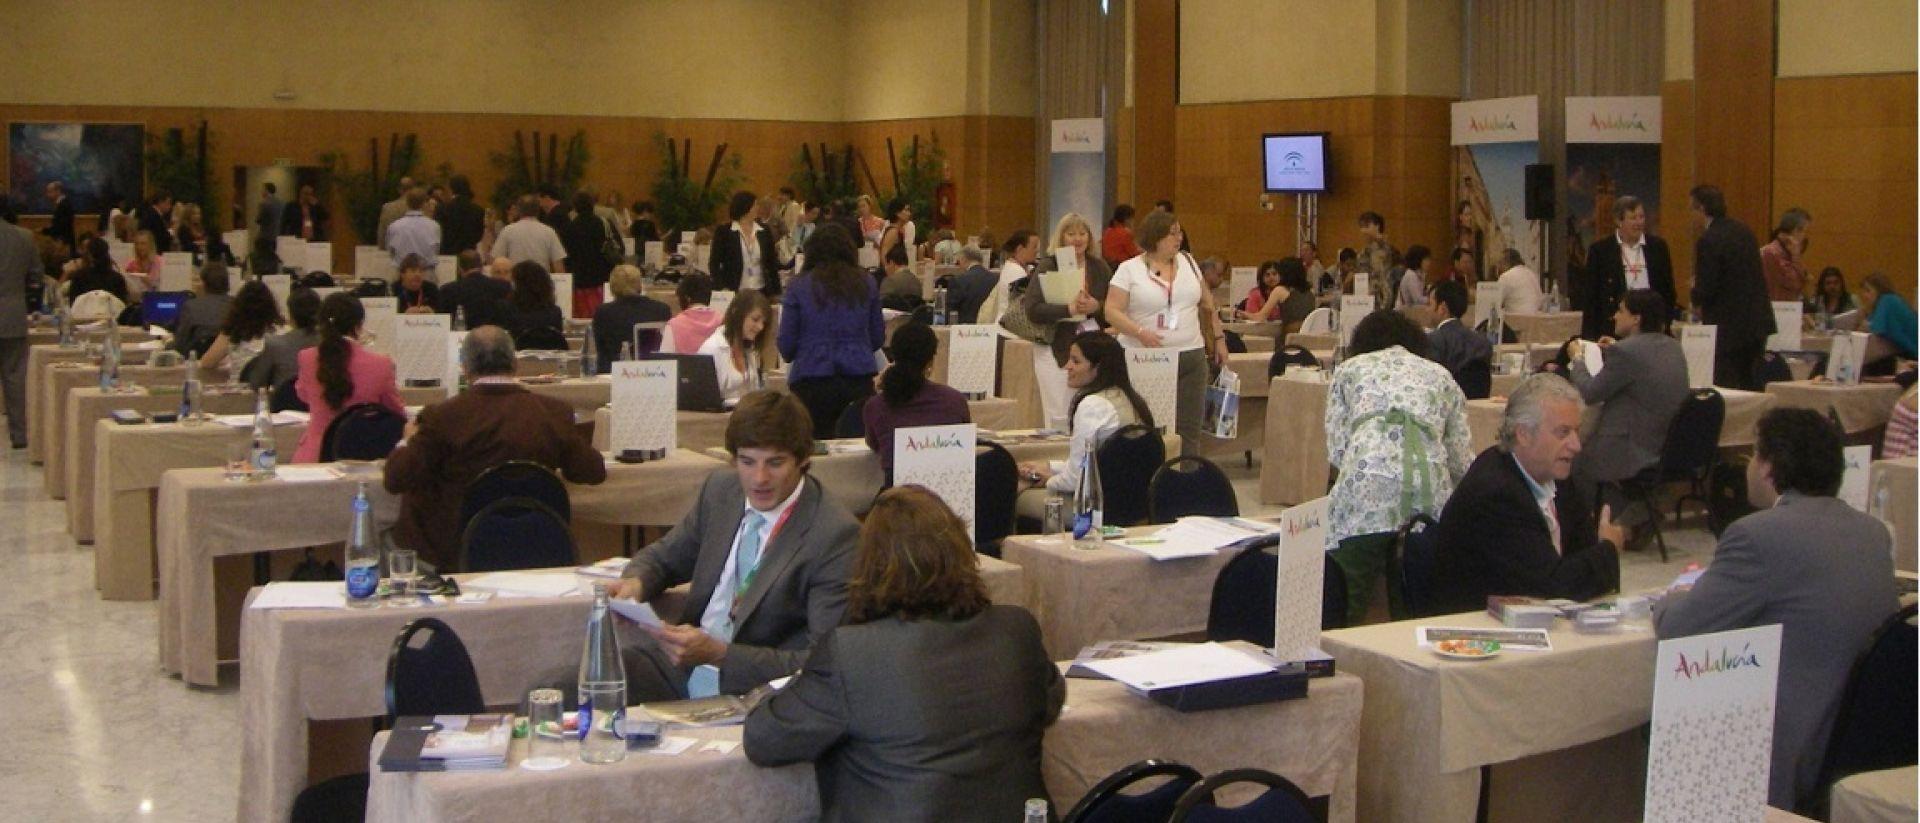 Andalucía muestra su oferta a 230 agentes de Castilla y León - Expreso.info